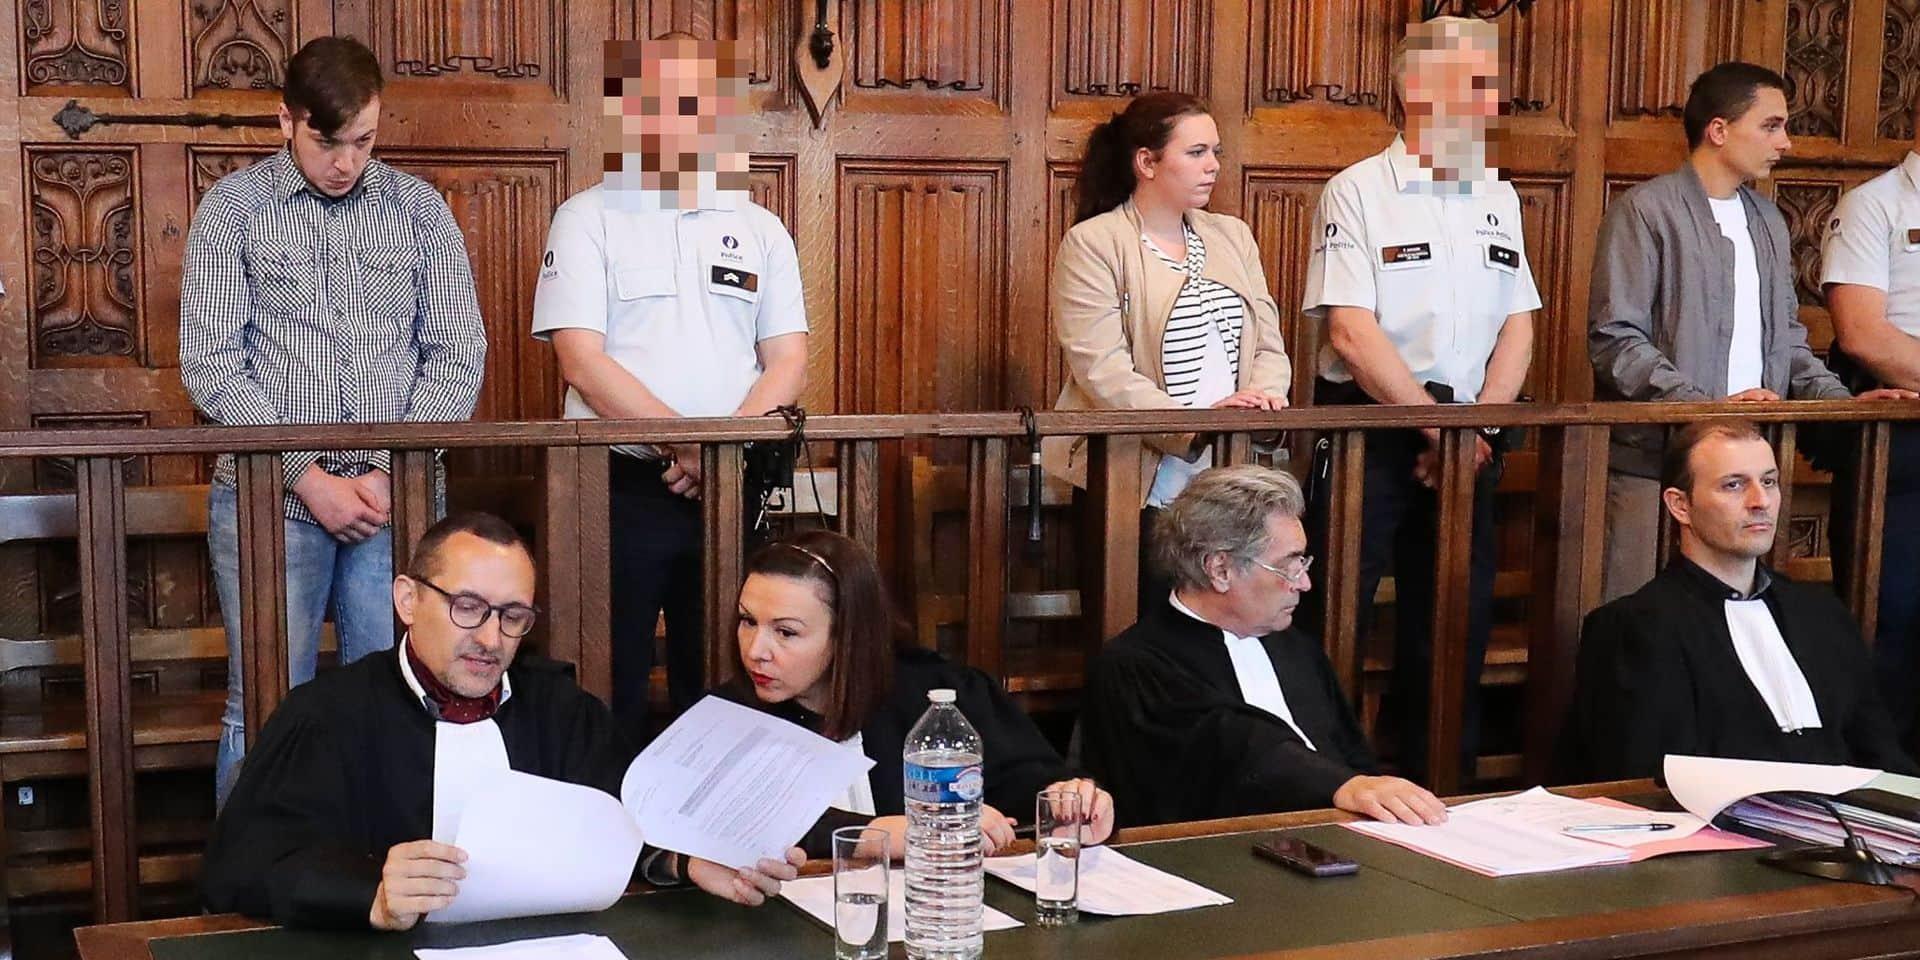 Procès des bourreaux de Valentin : La cour d'assises reportée jusqu'à lundi minimum